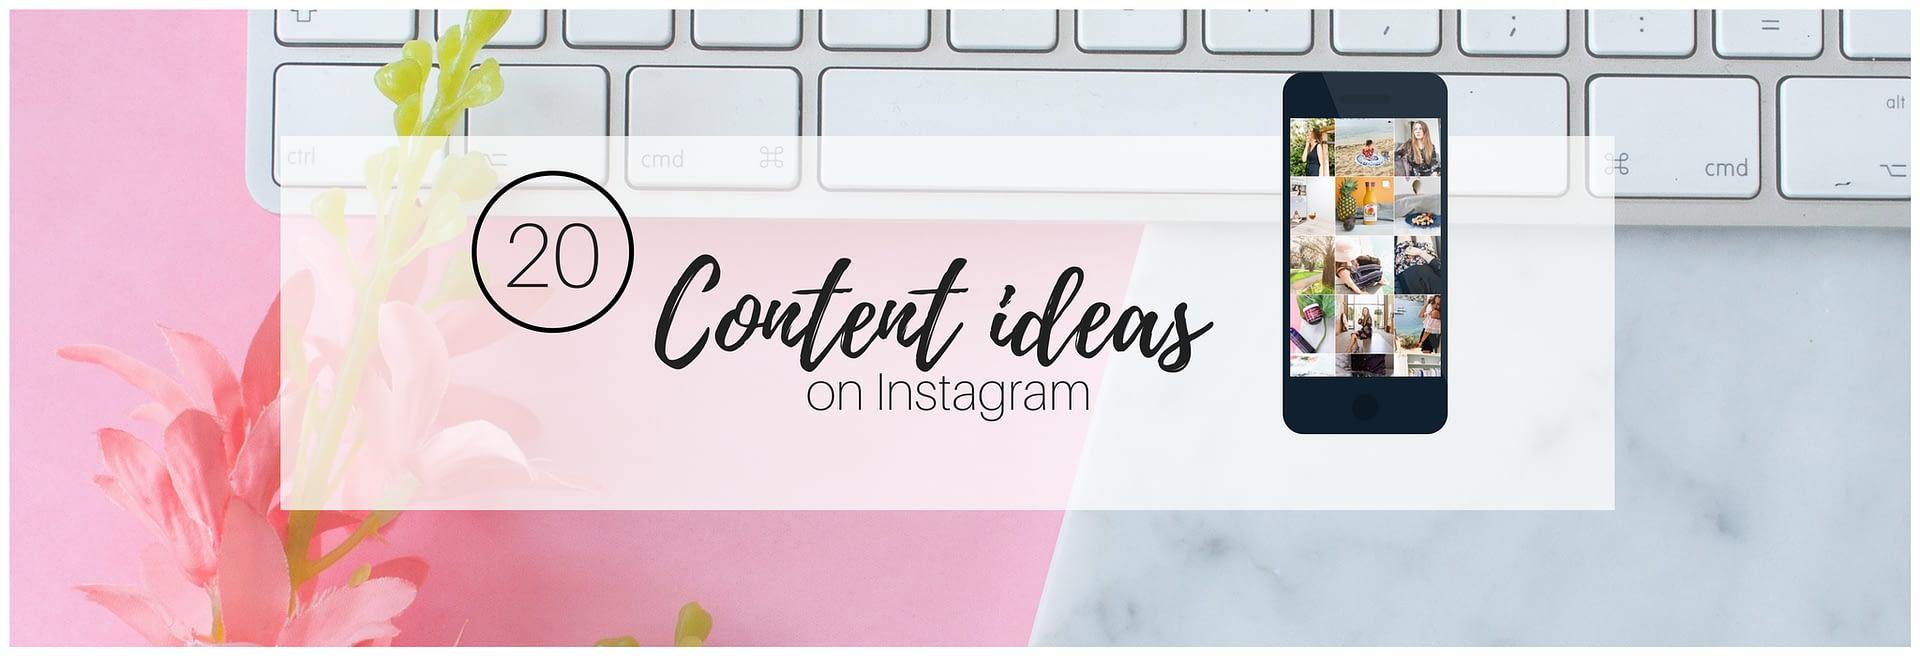 Content ideas social media